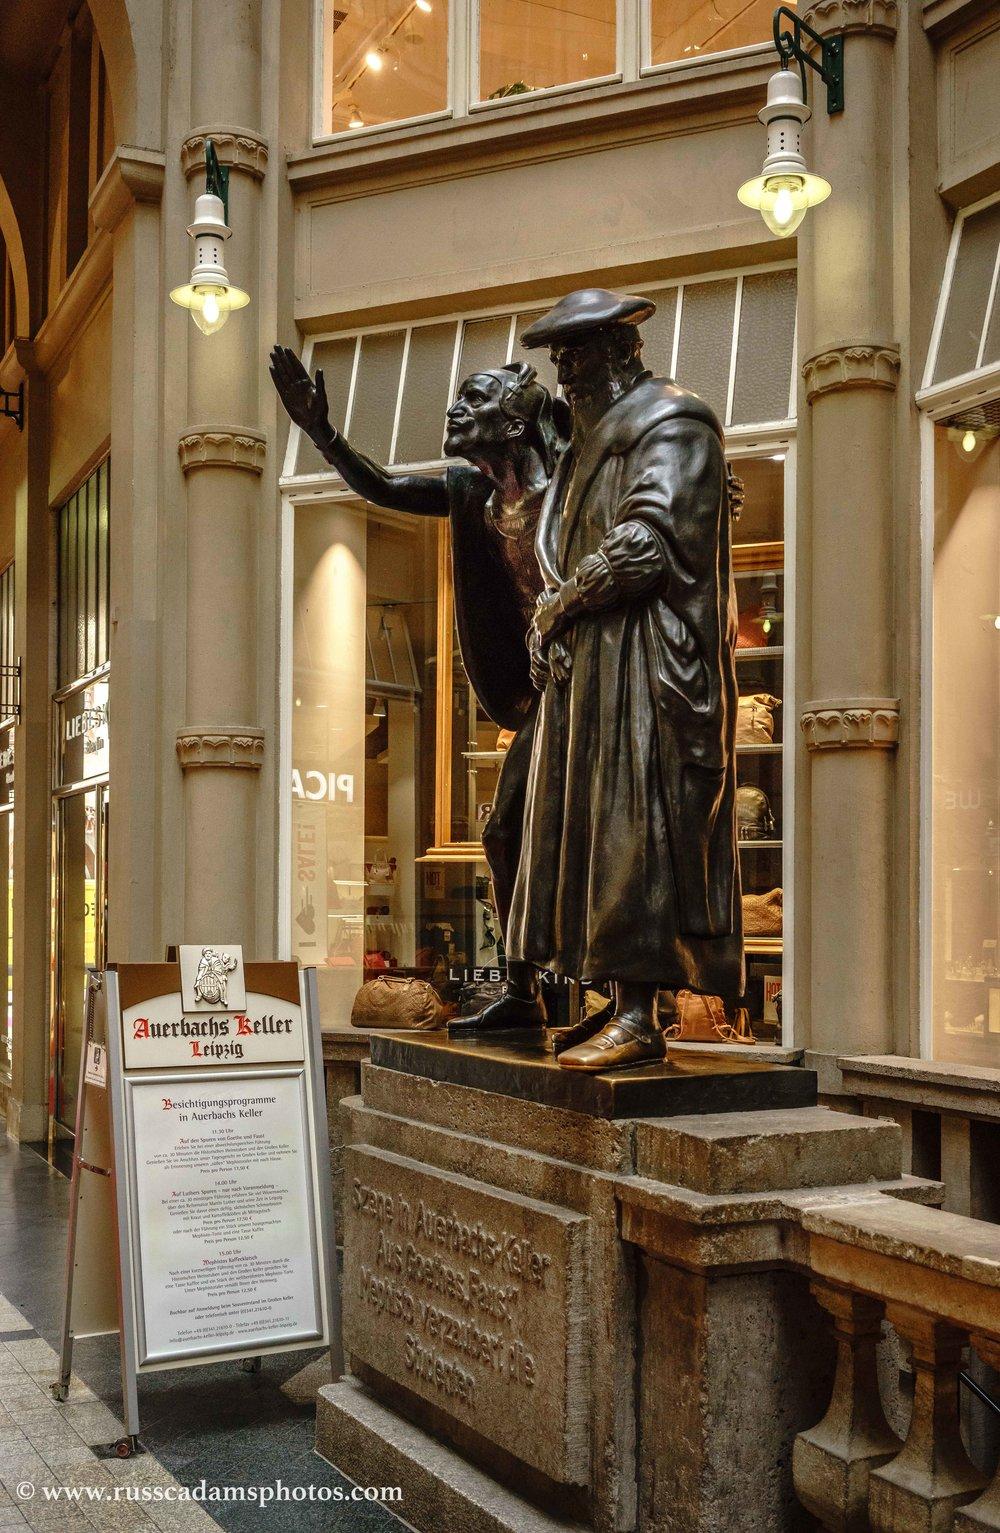 Faust und Mephisto vor Auerbachs Keller in Leipzig.